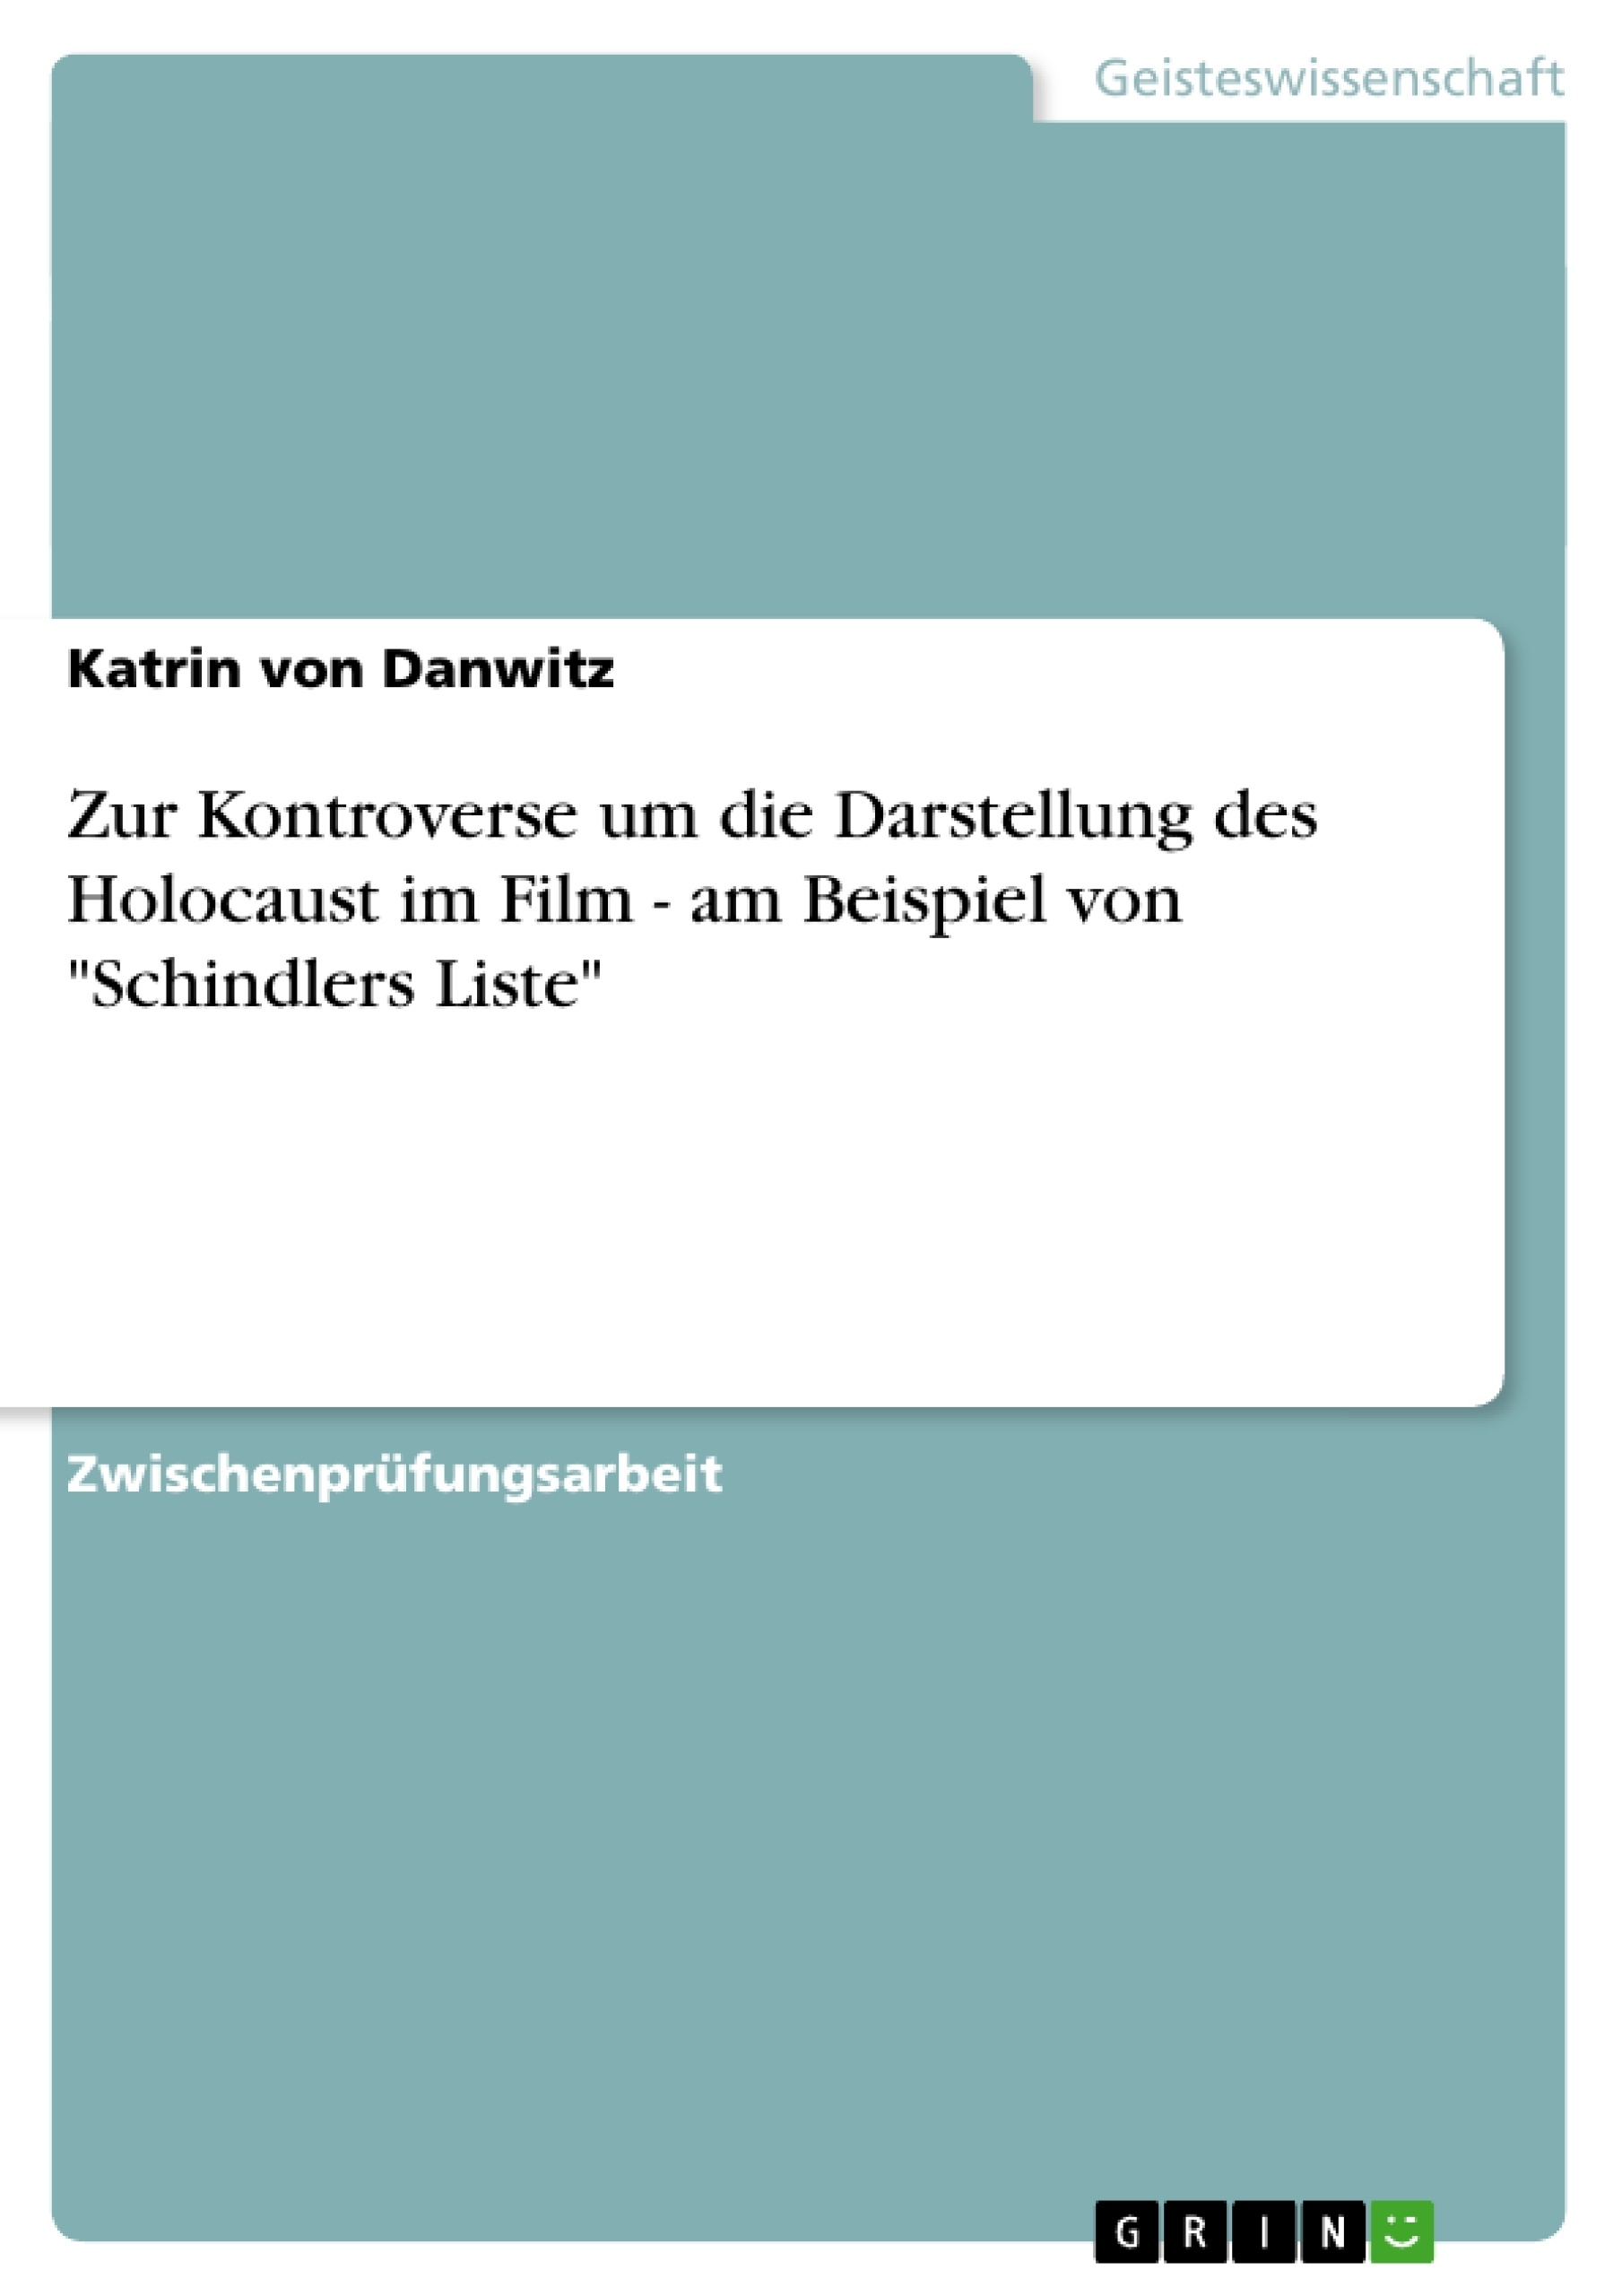 """Titel: Zur Kontroverse um die Darstellung des Holocaust im Film - am Beispiel von """"Schindlers Liste"""""""